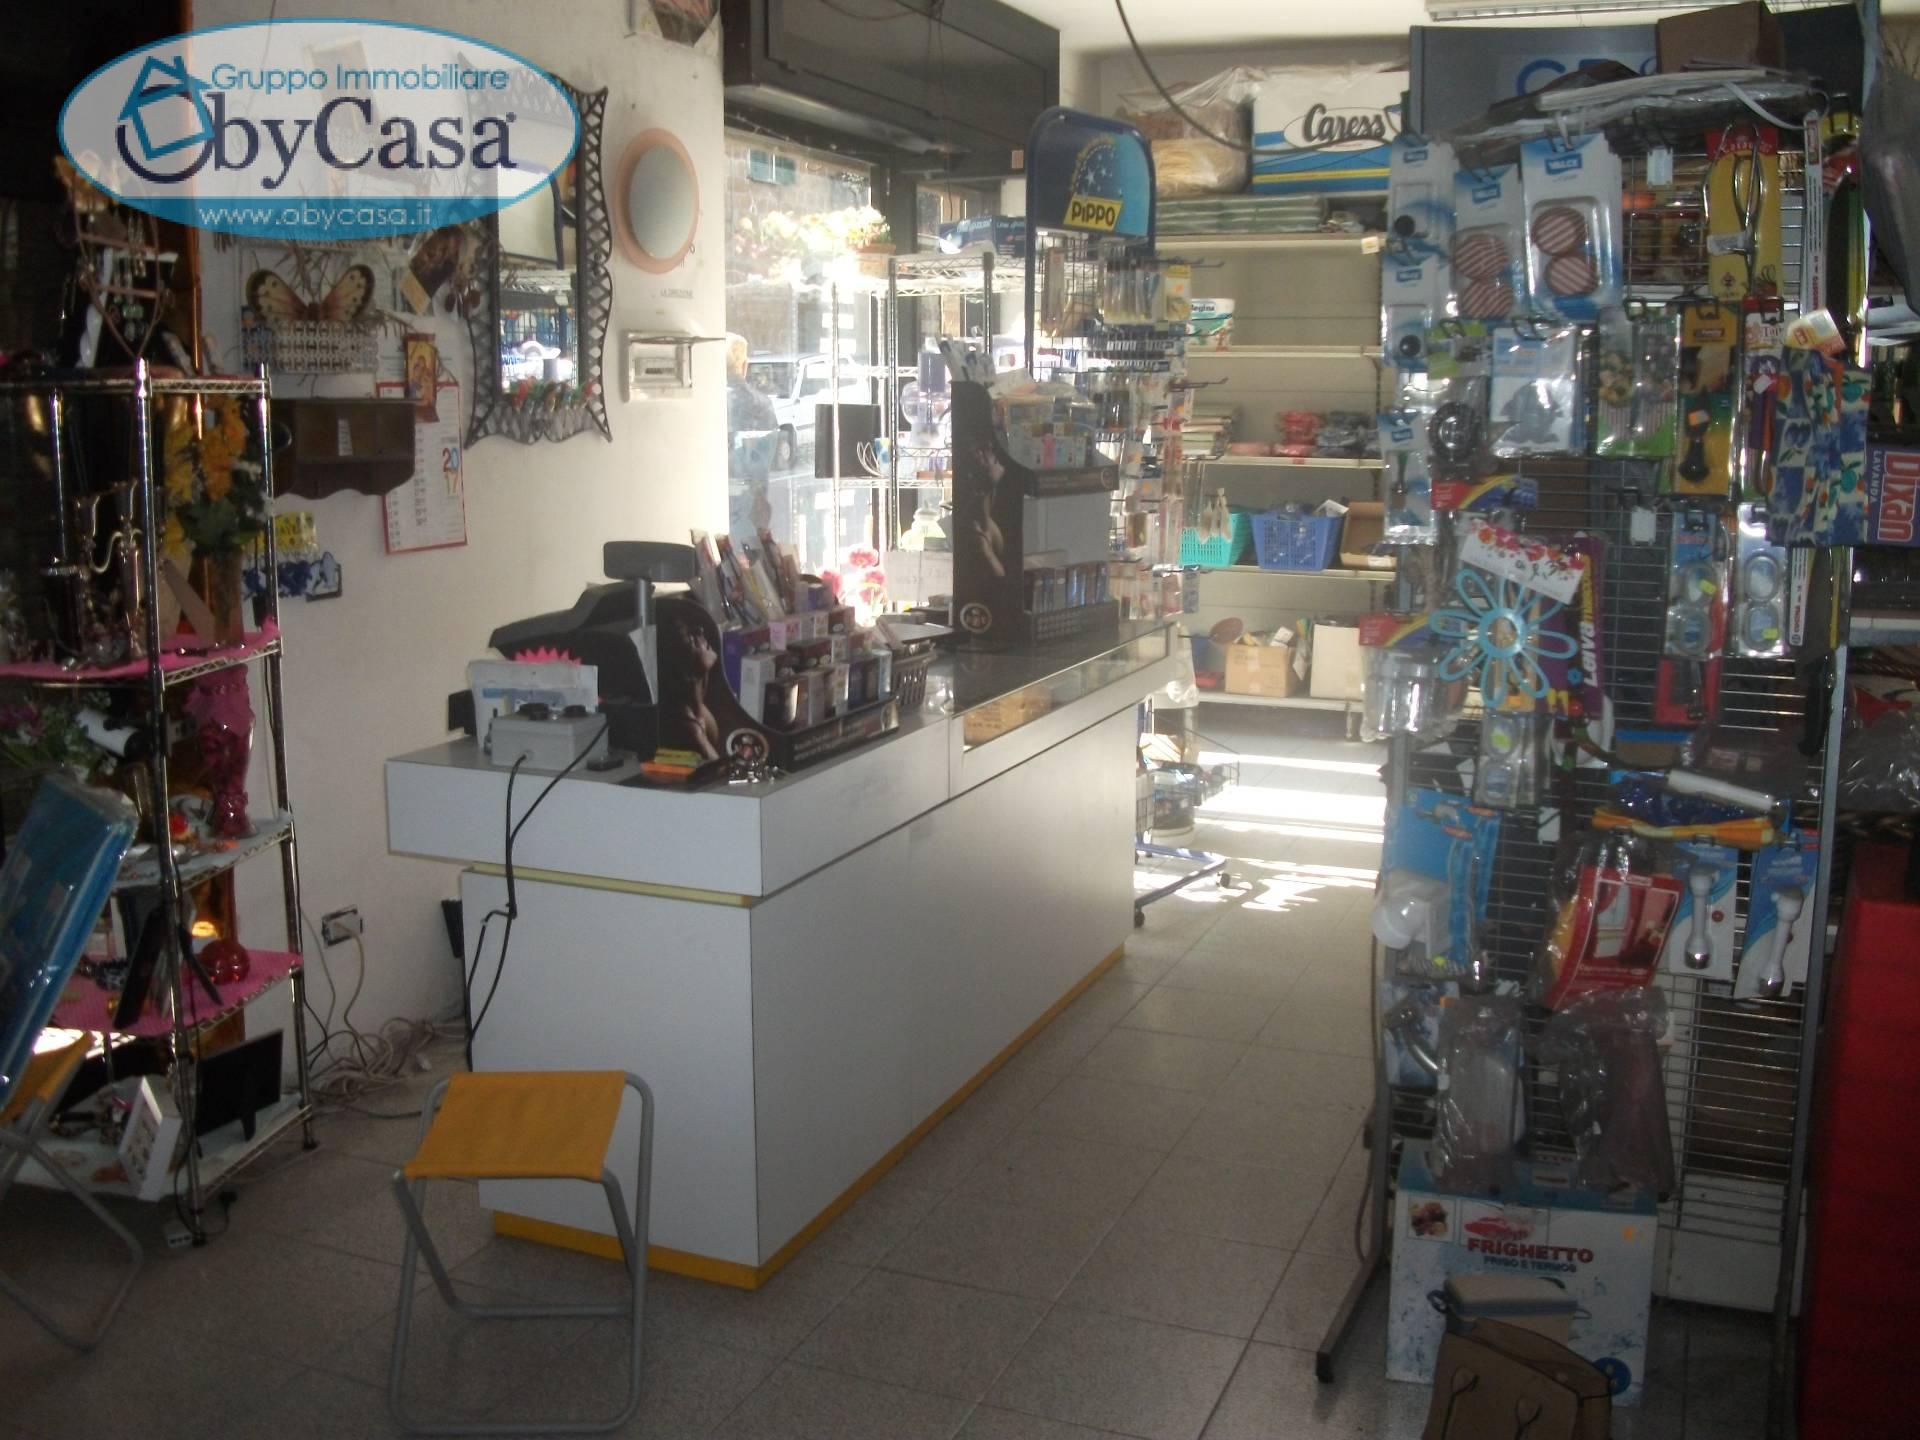 Negozio / Locale in vendita a Vejano, 9999 locali, zona Località: vejano, prezzo € 29.000 | CambioCasa.it